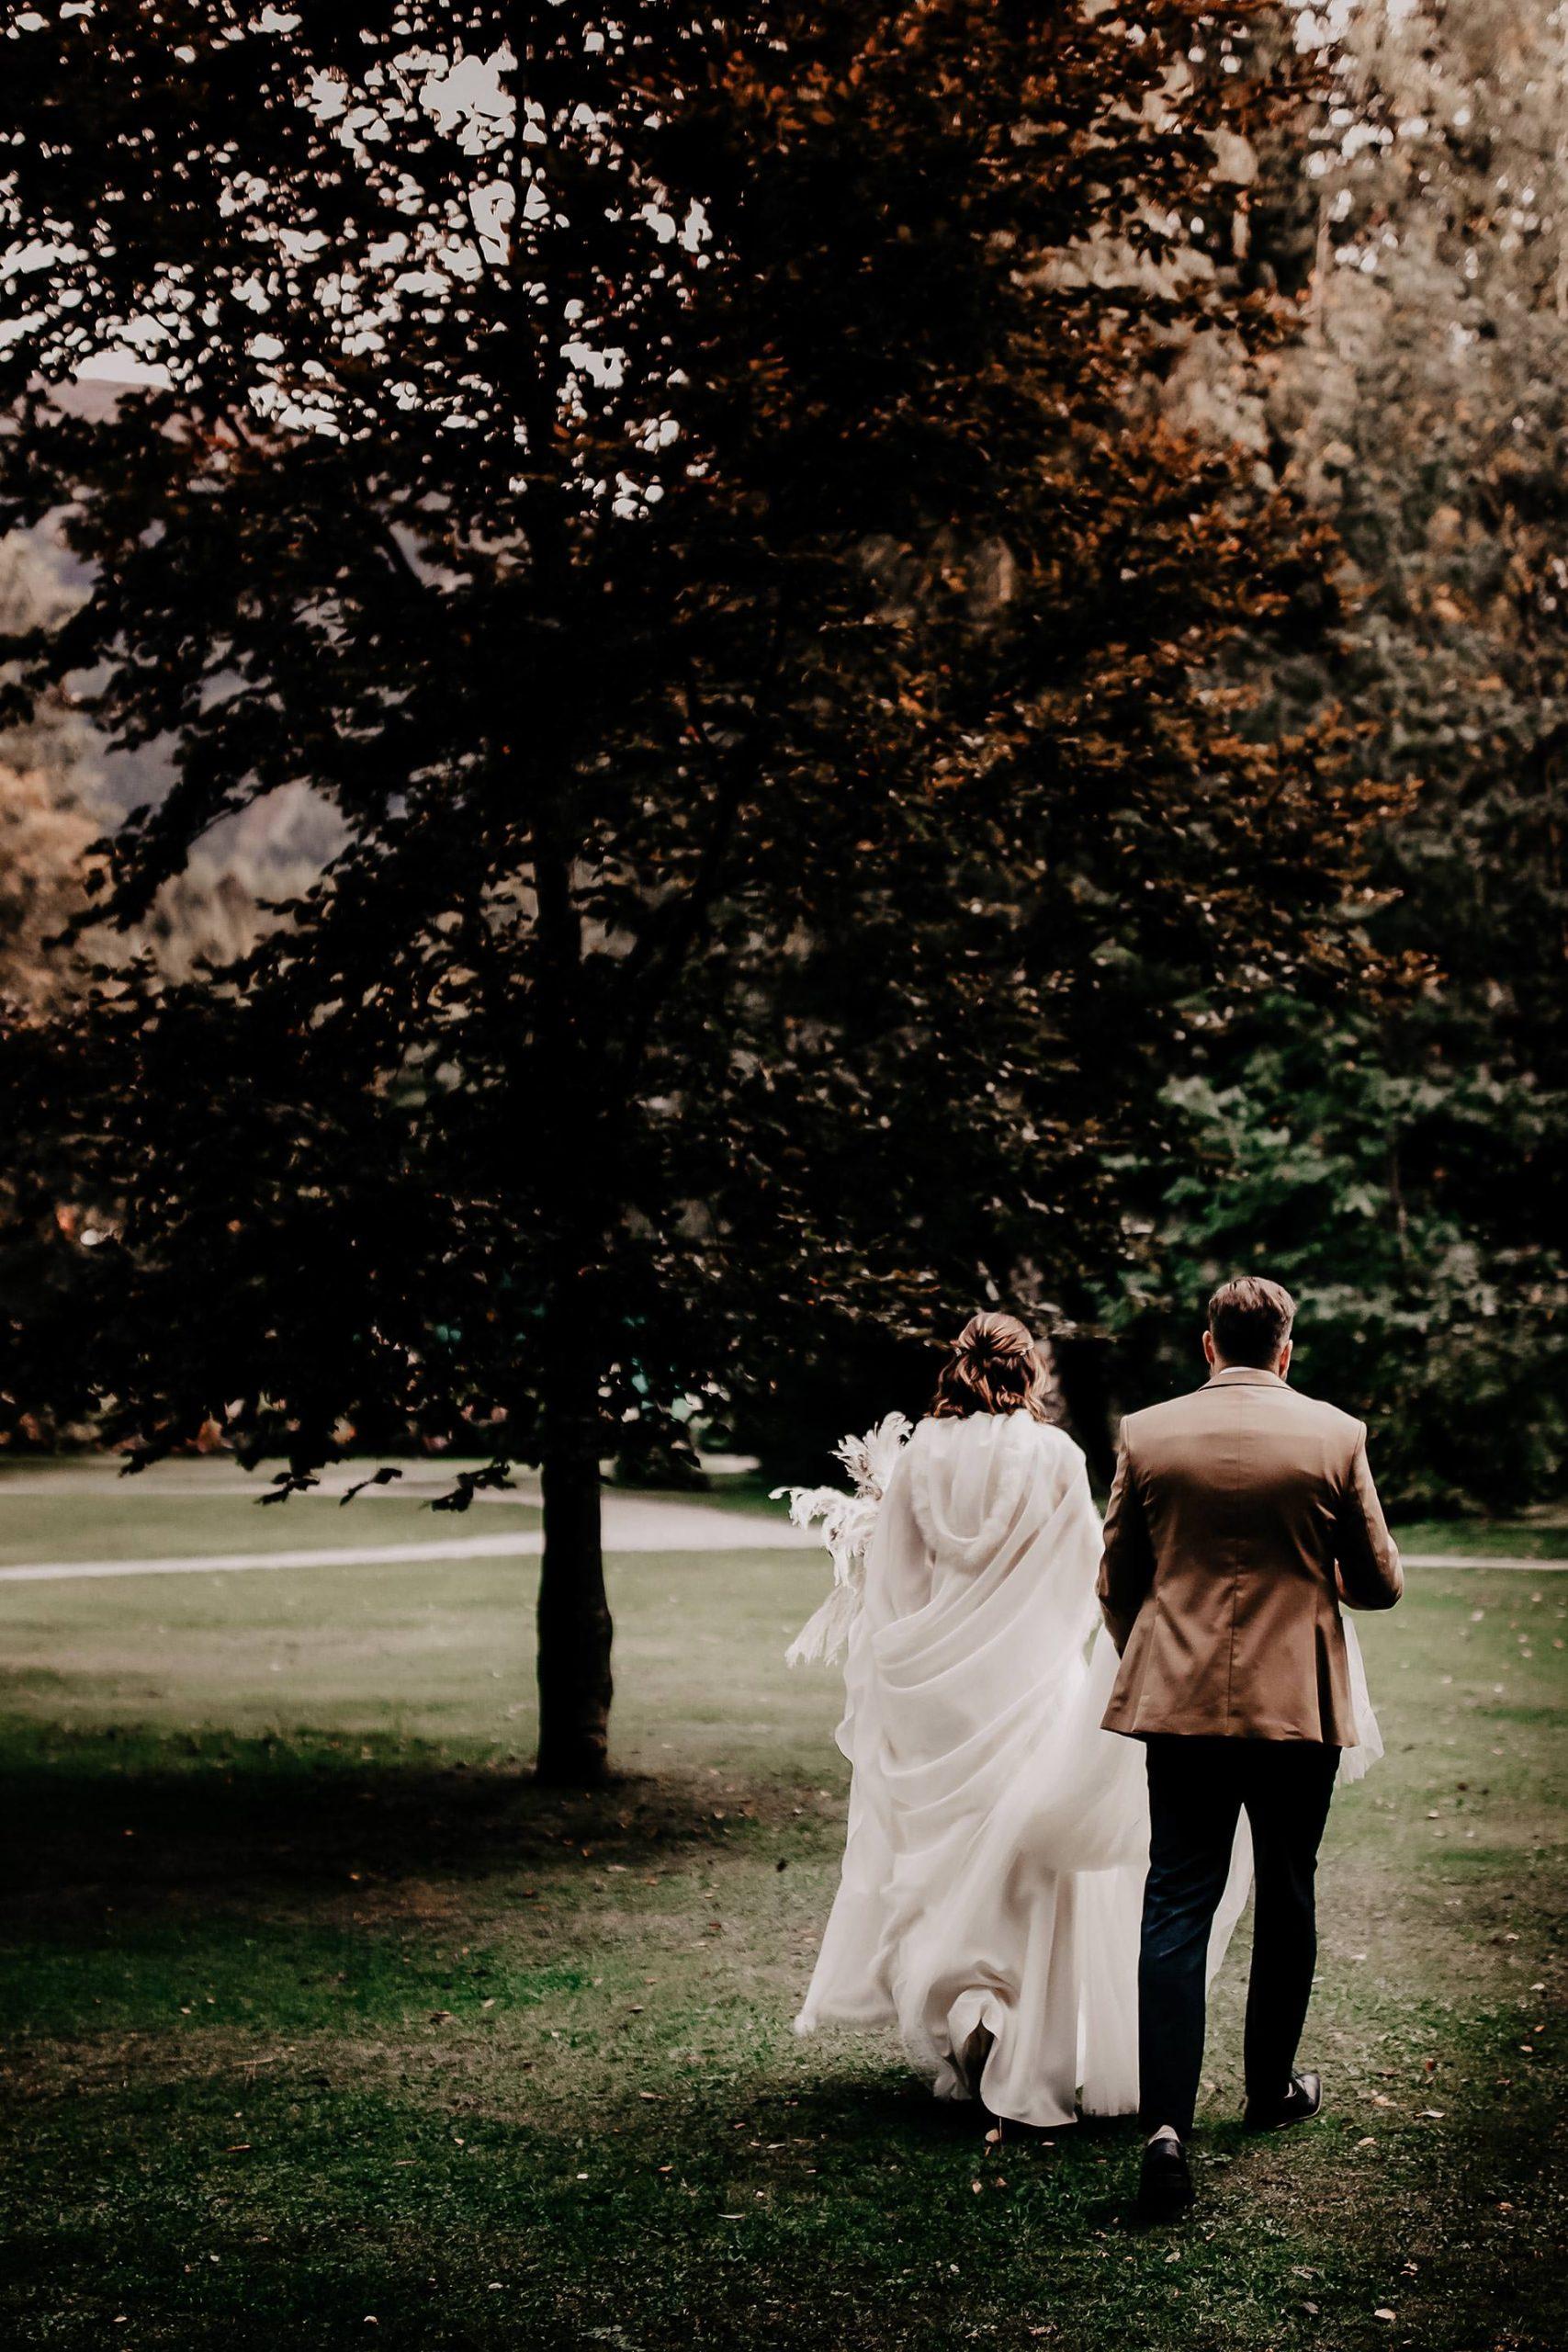 Am Blog gibt es etwas Neues zu unserer Herbsthochzeit. Ich zeige dir mein Brautstyling mit dem für mich perfekten Hochzeitskleid, Braut-Frisur und Make-up. Mehr auf www.whoismocca.com #hochzeit #traumhochzeit #pronovias #brautkleid #brautstyling